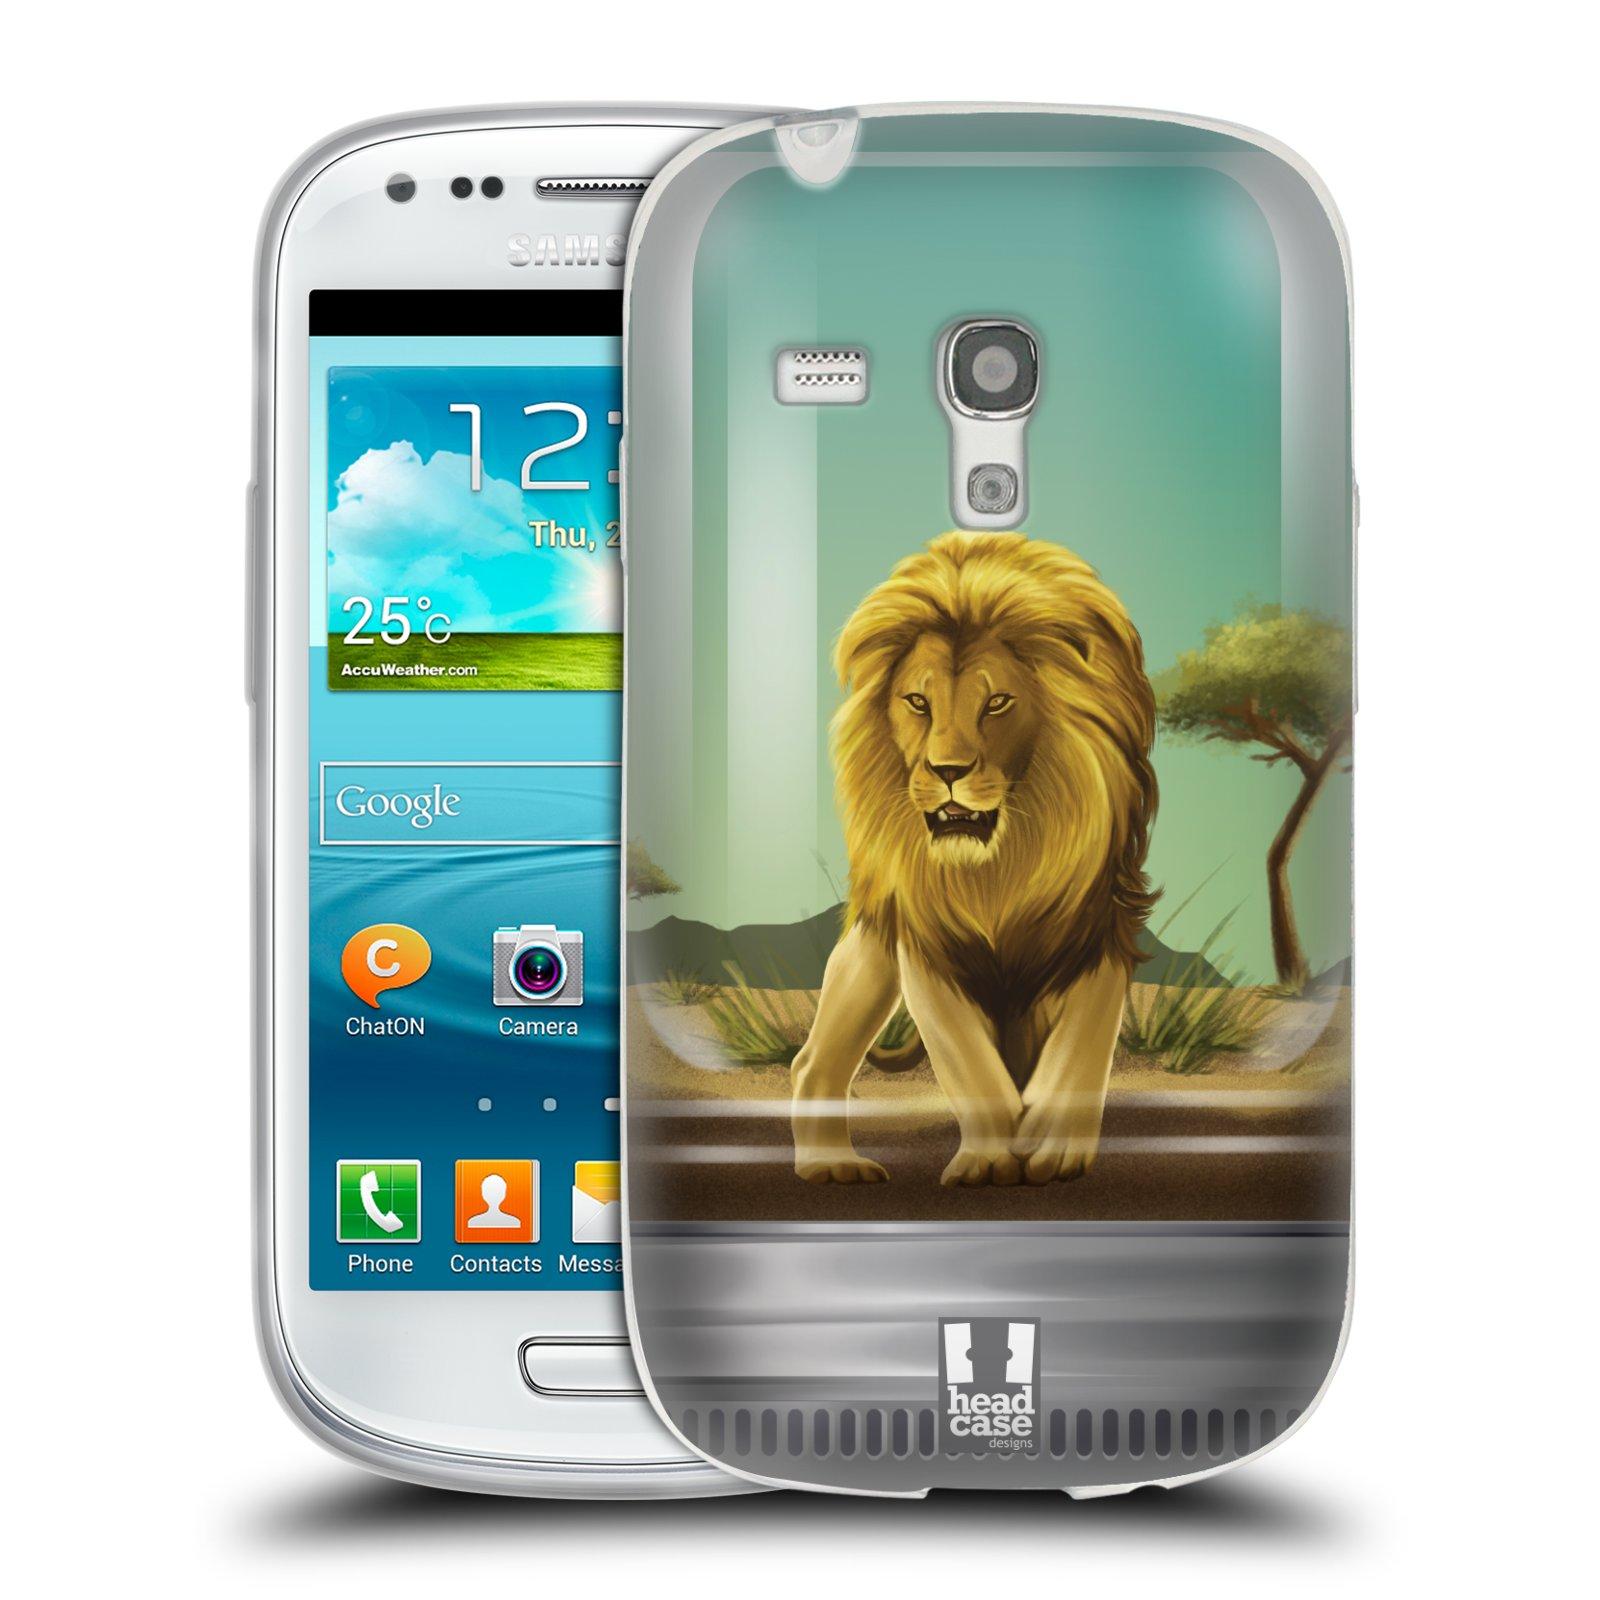 HEAD CASE silikonový obal na mobil Samsung Galaxy S3 MINI i8190 vzor Zvířátka v těžítku lev